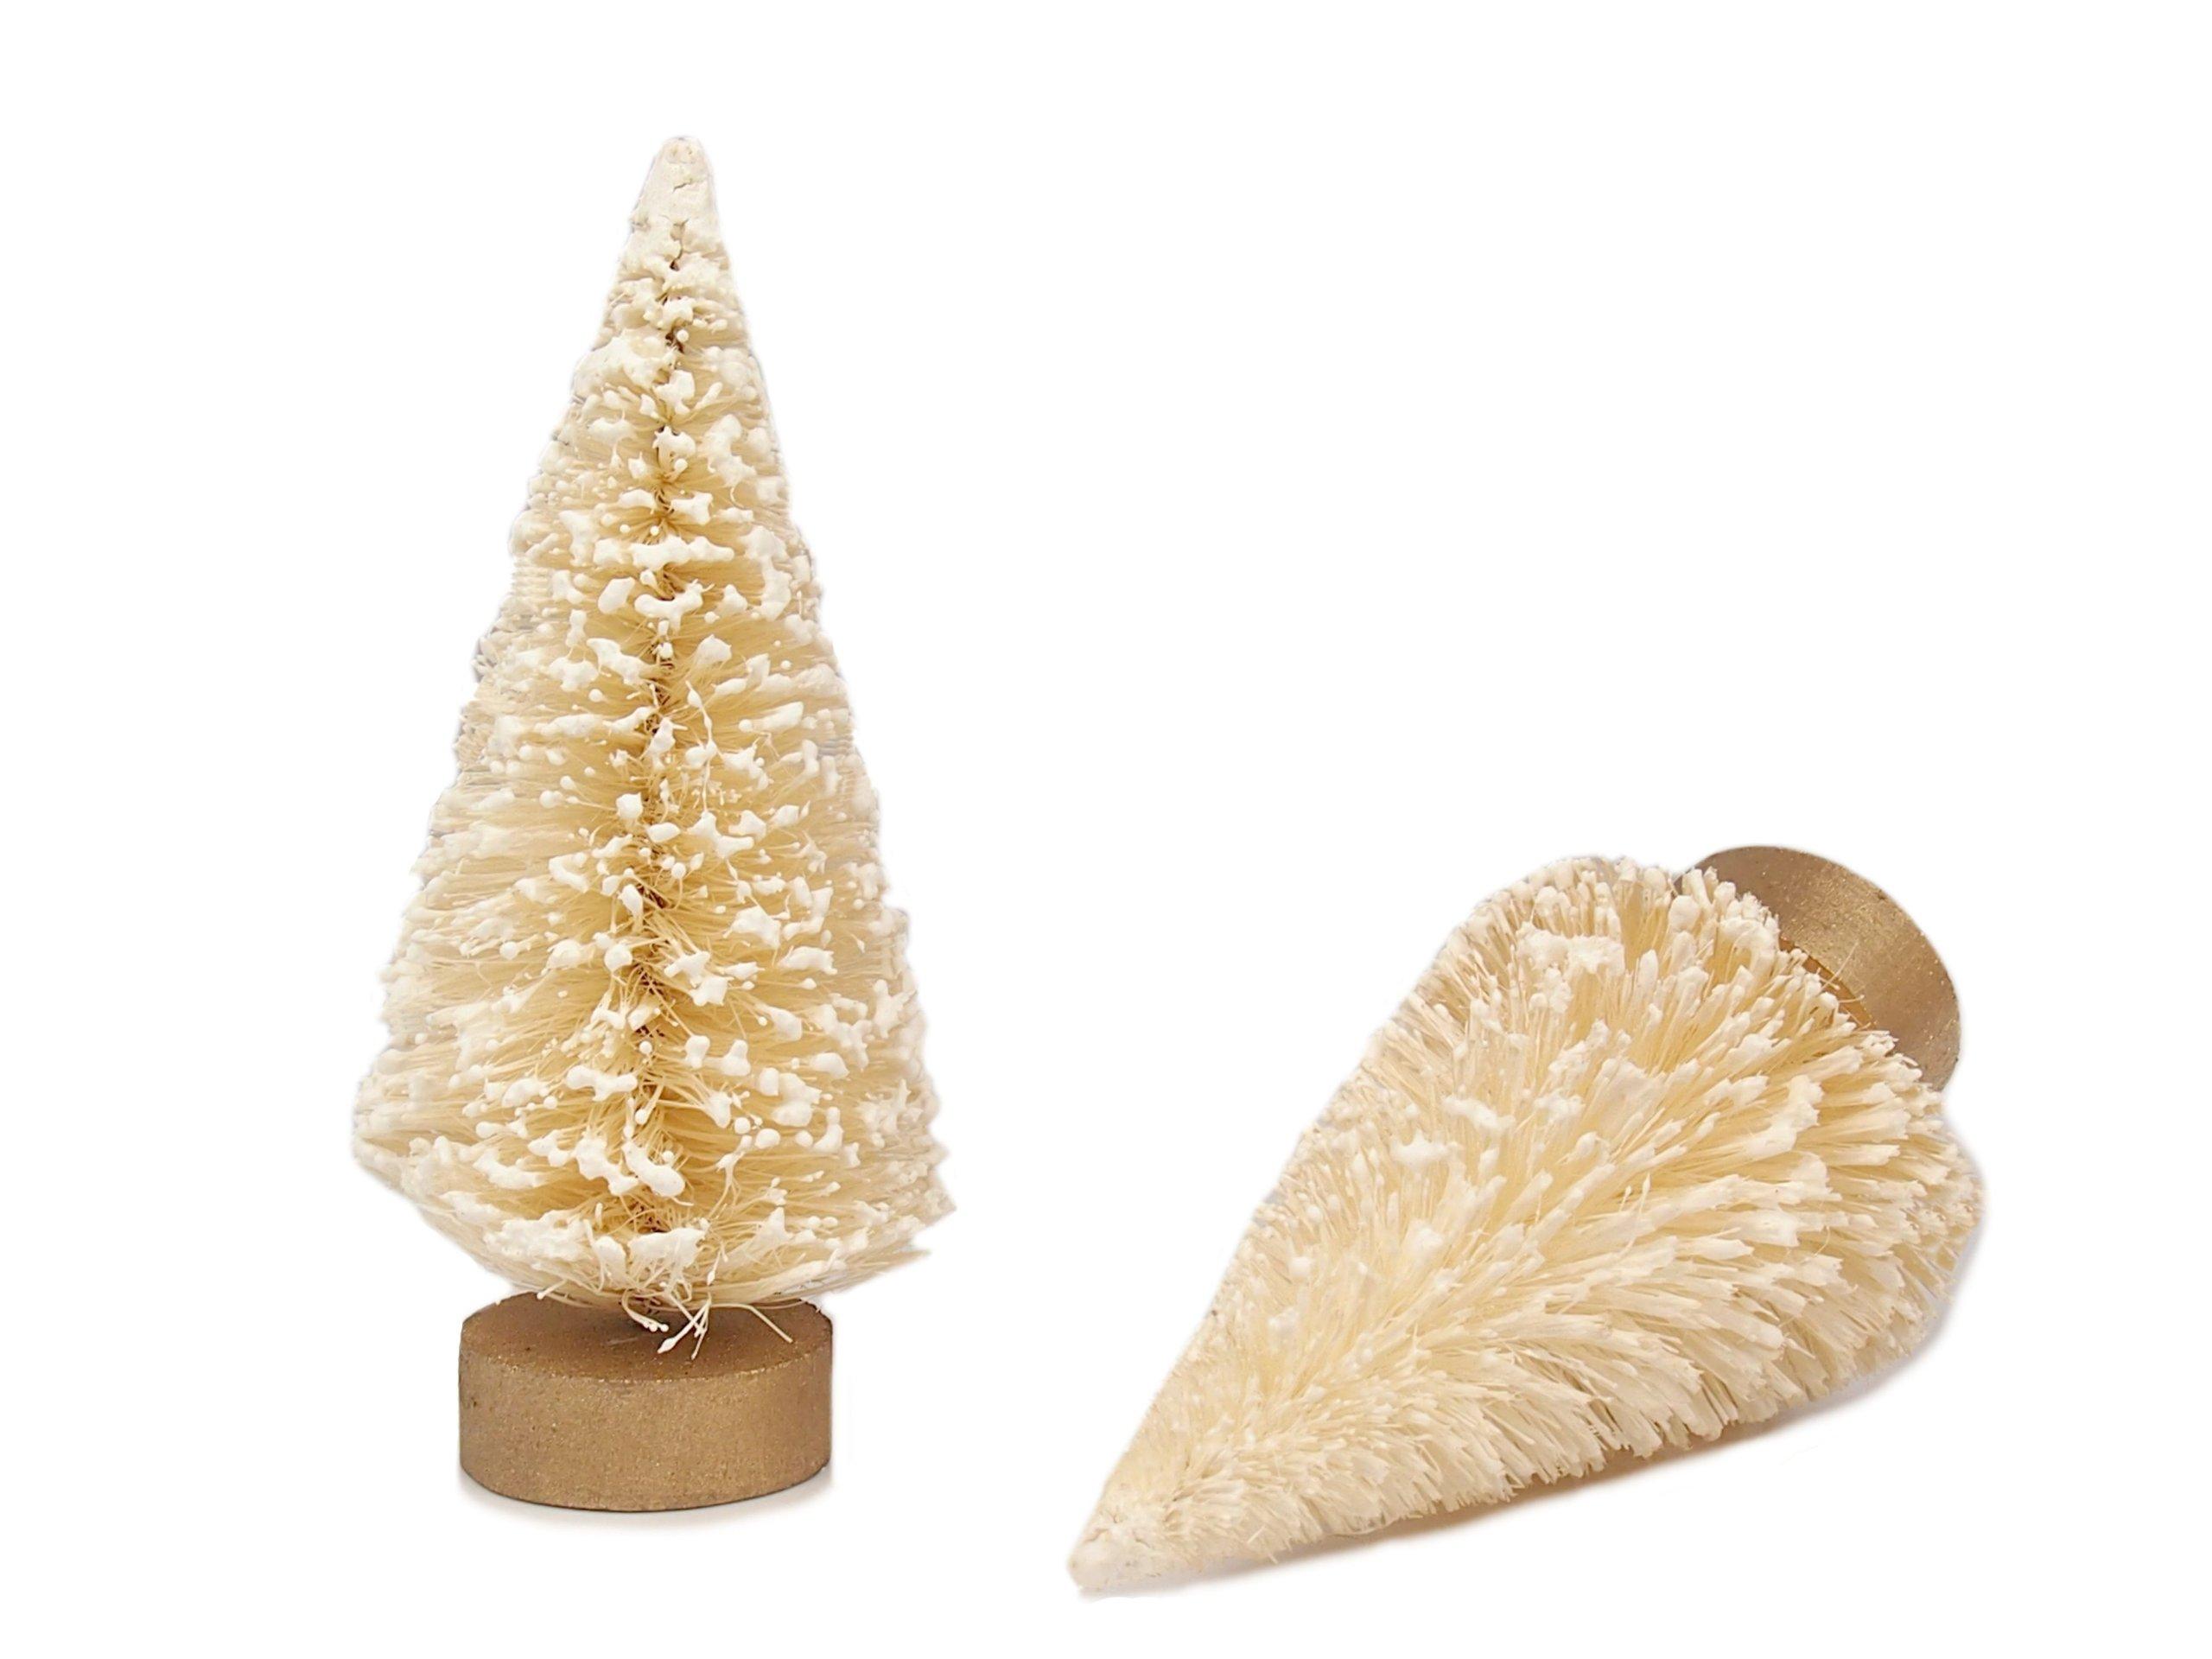 Vianočný strom Vianočný strom dekorácie na stole 13 cm